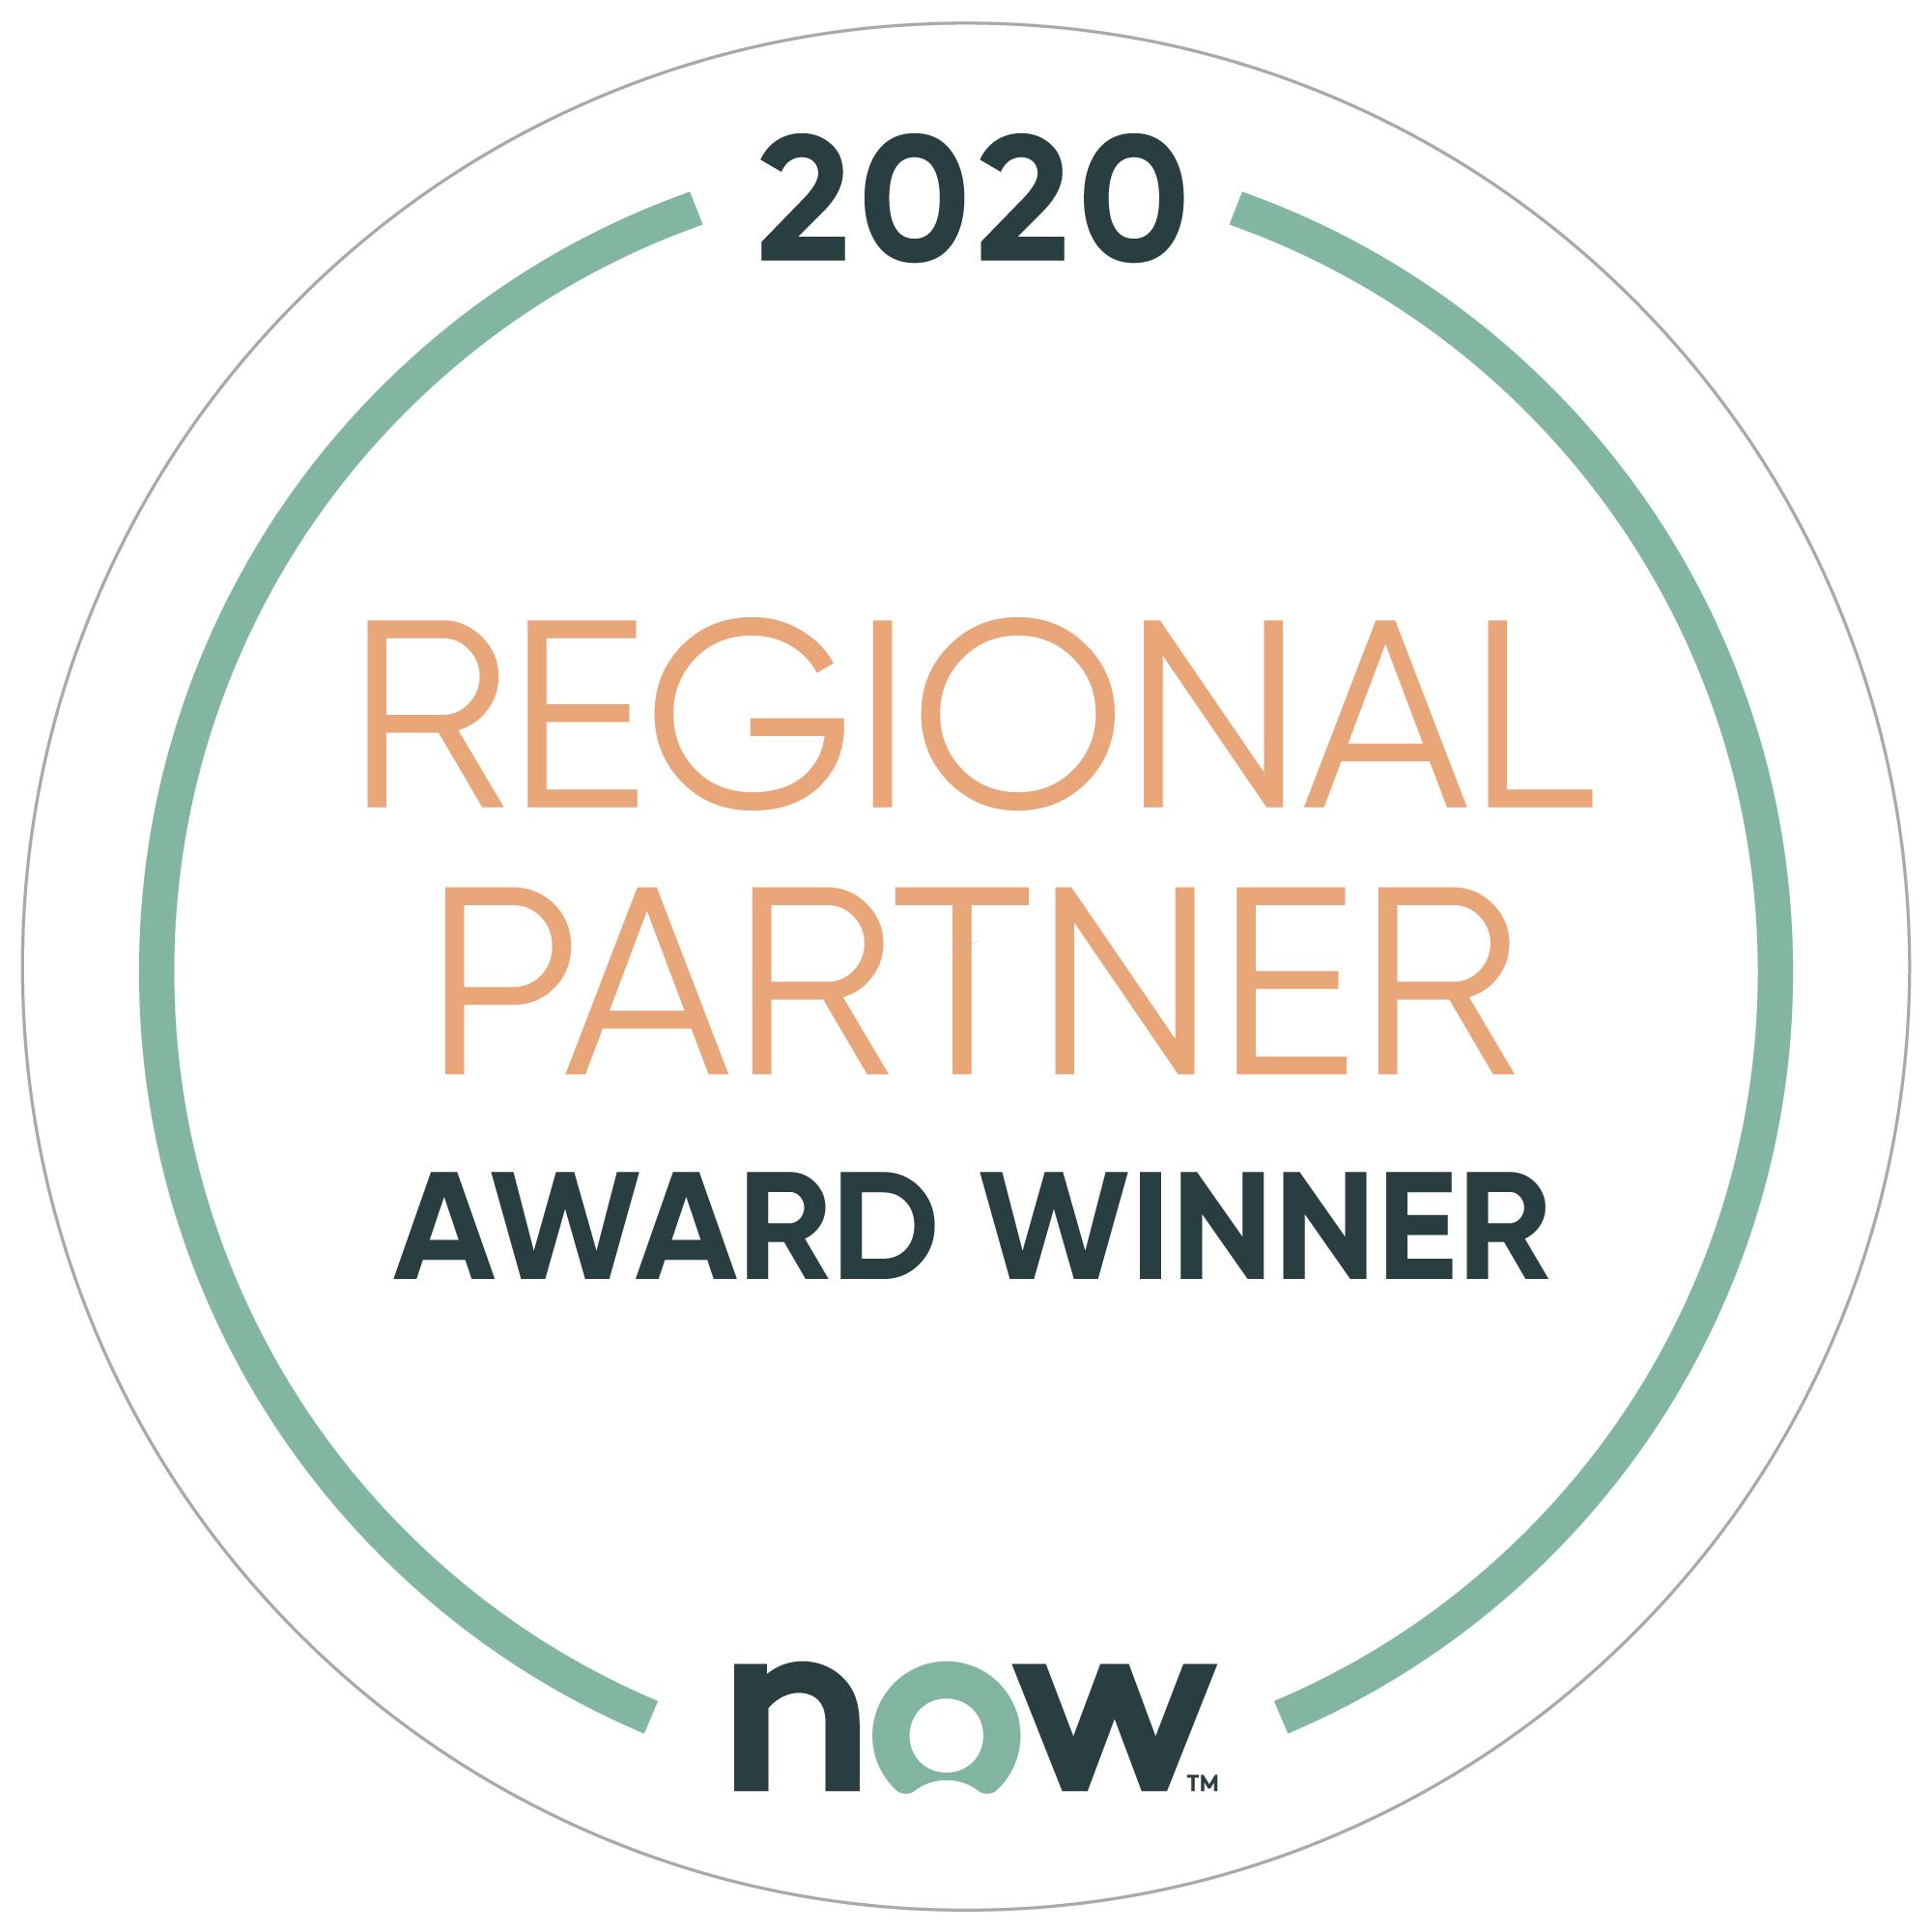 2020 Regional Partner - Award Winner - ServiceNow